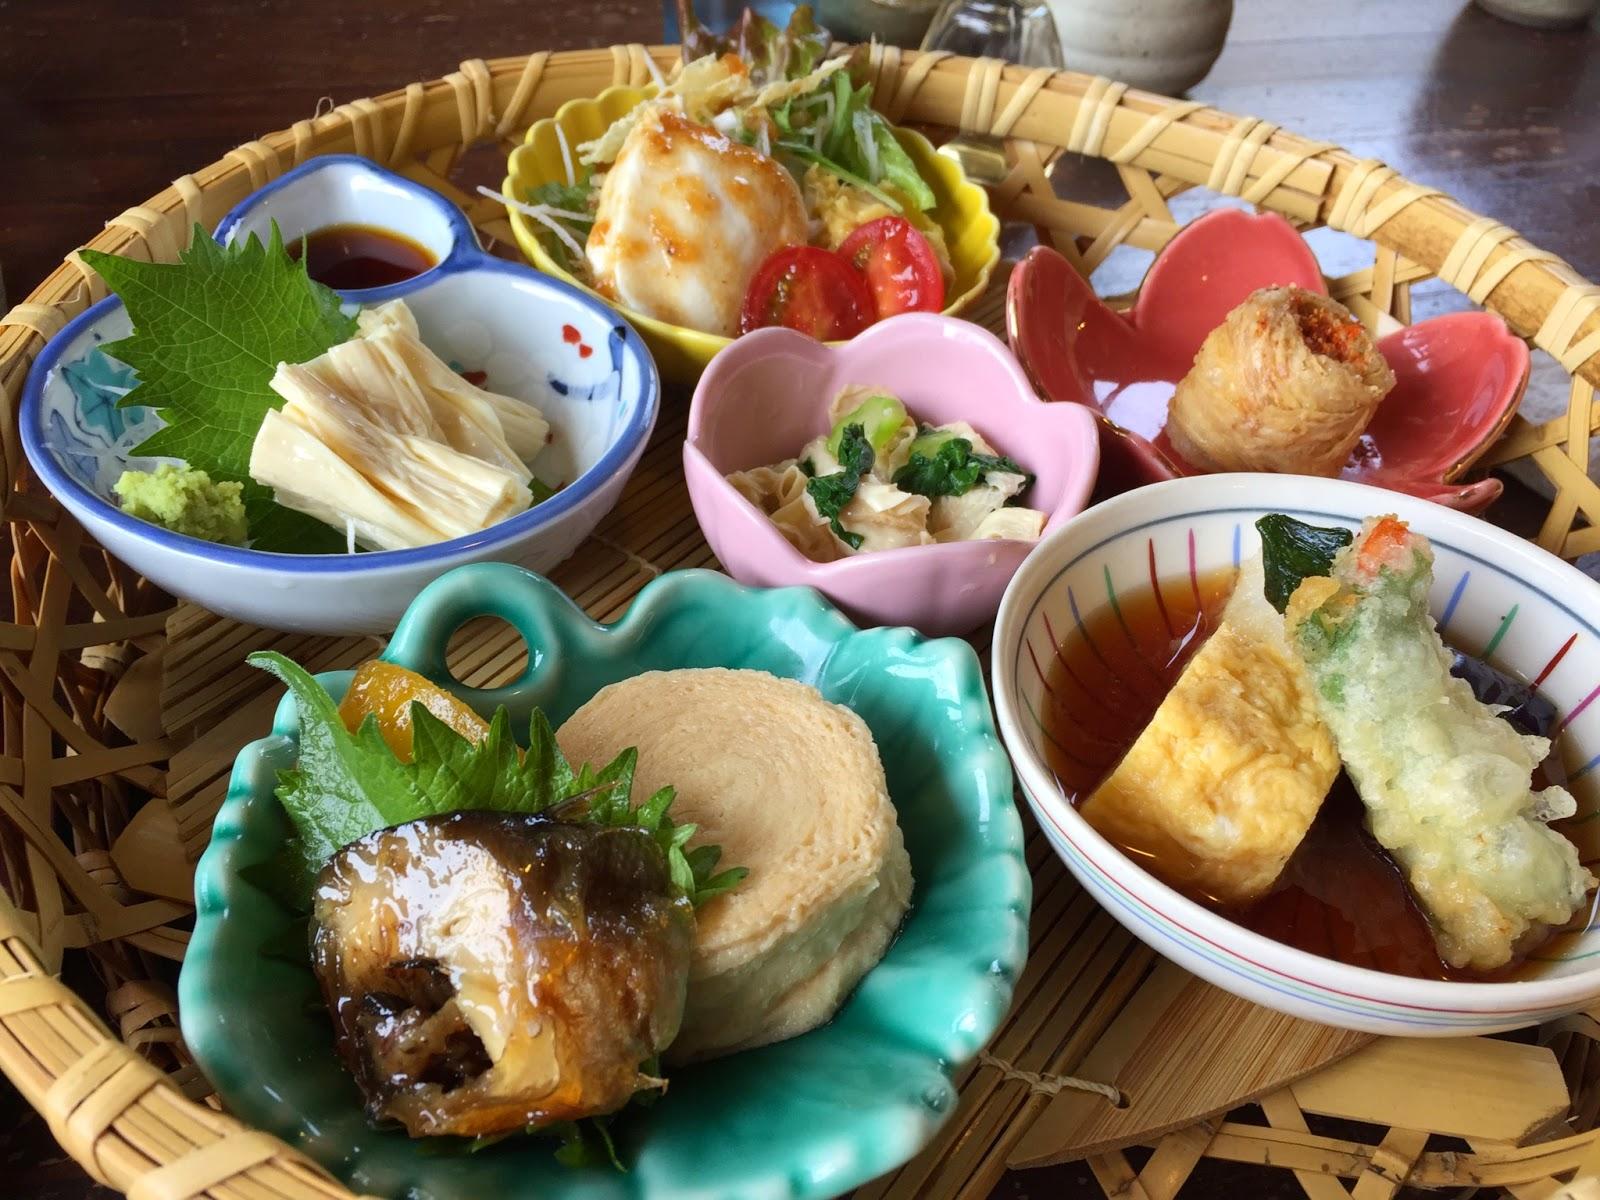 鬼怒川ランチおすすめ人気店9選!温泉街で美味しい昼ご飯!フレンチや蕎麦も!